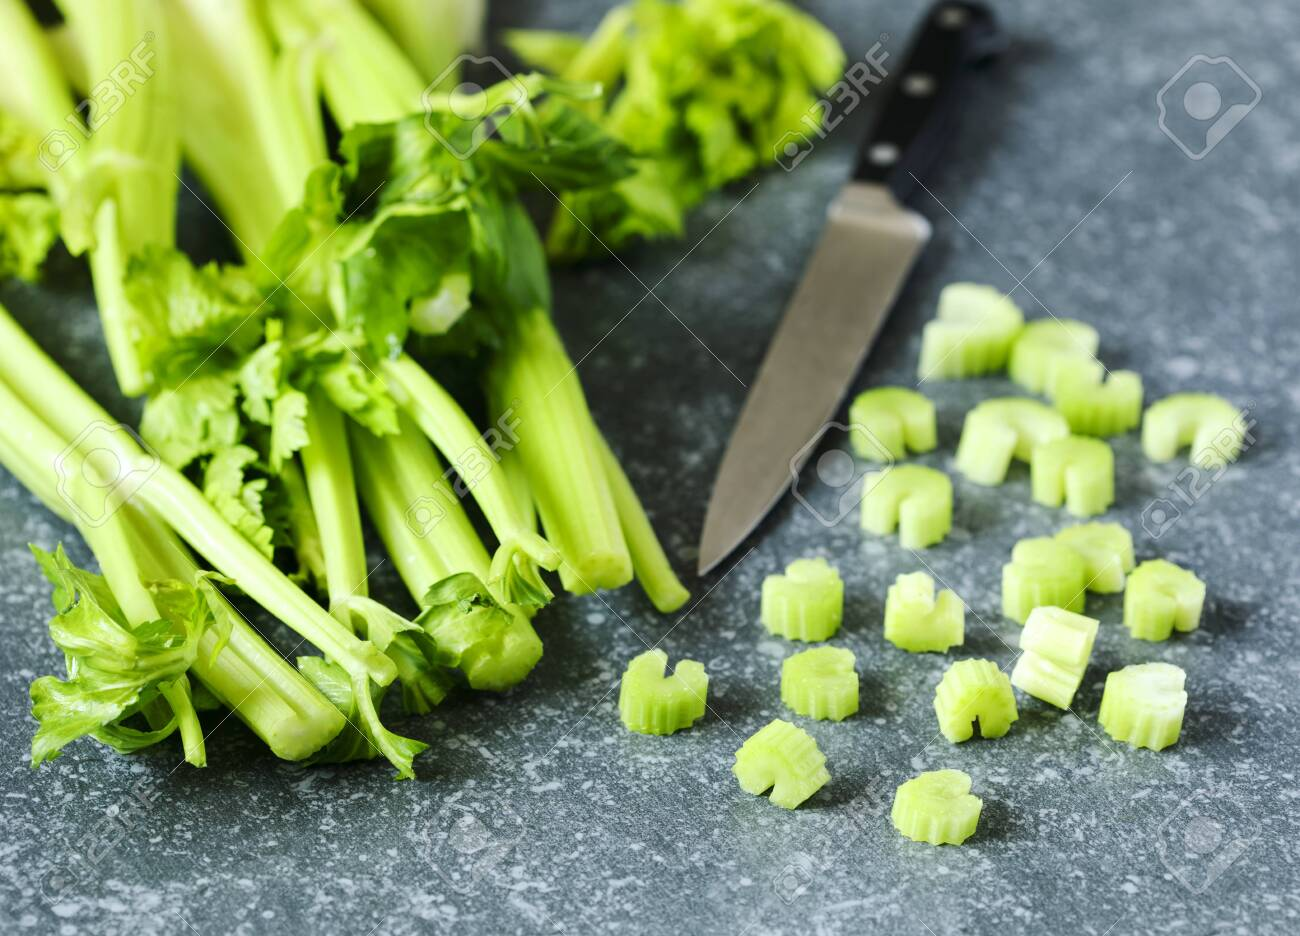 Fresh celery on stone background. - 125960514